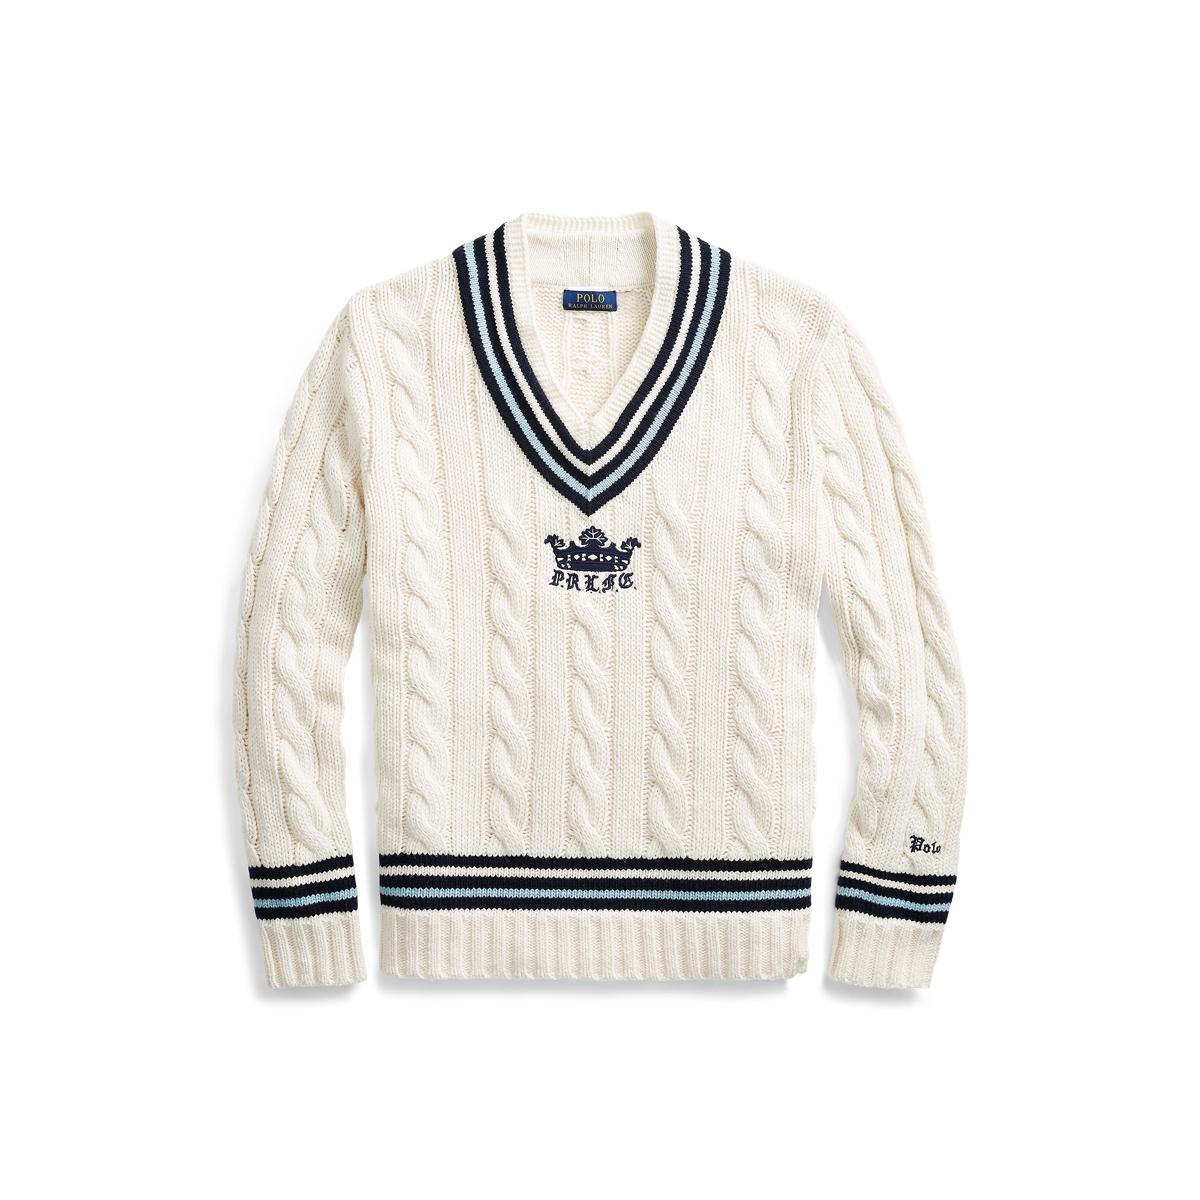 b24531e026c92 Pull de cricket en coton mélangé